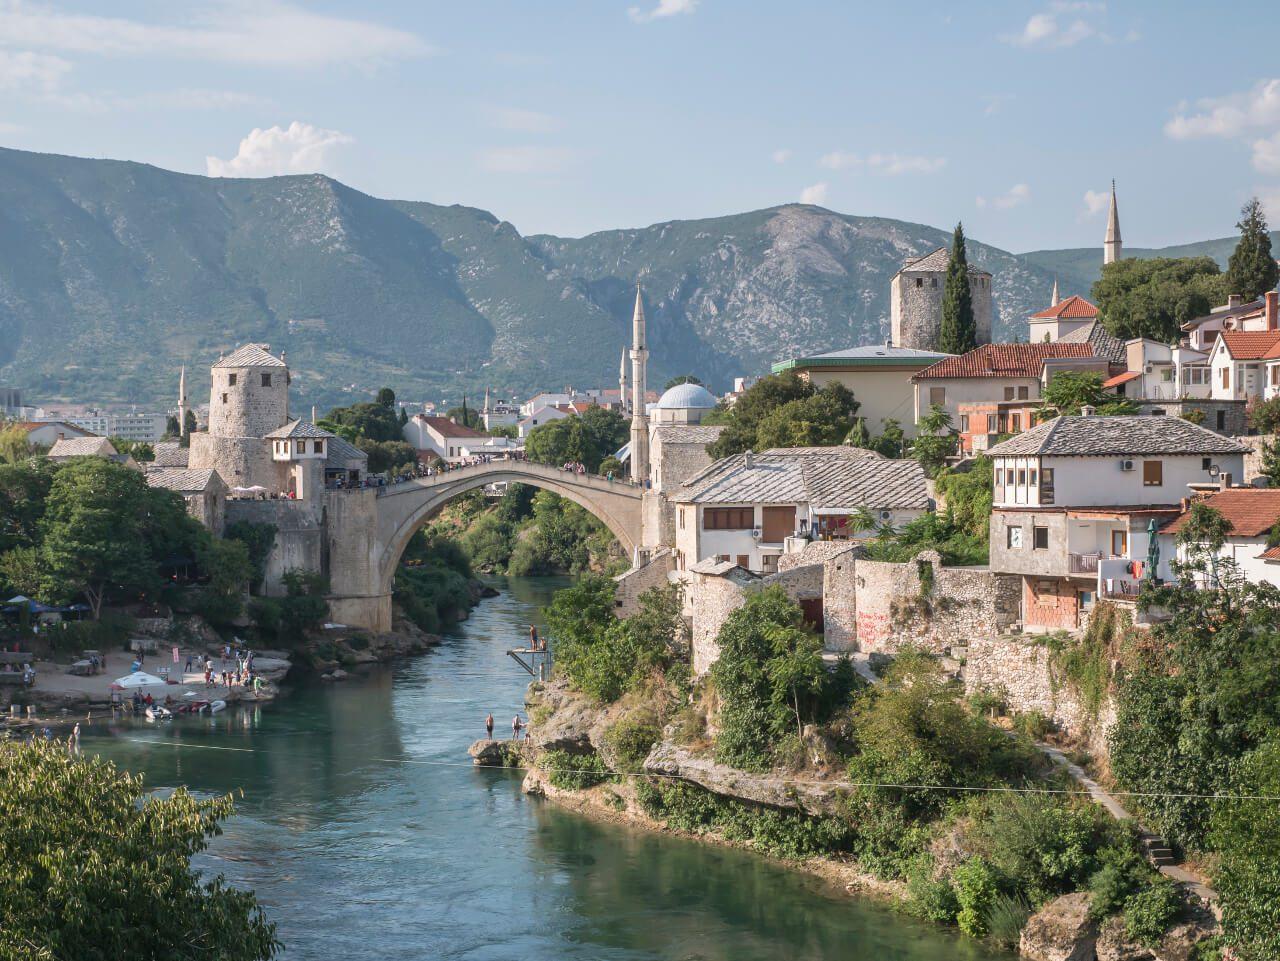 Stary Most i stare miasto widziane z Lucky Most, Mostar